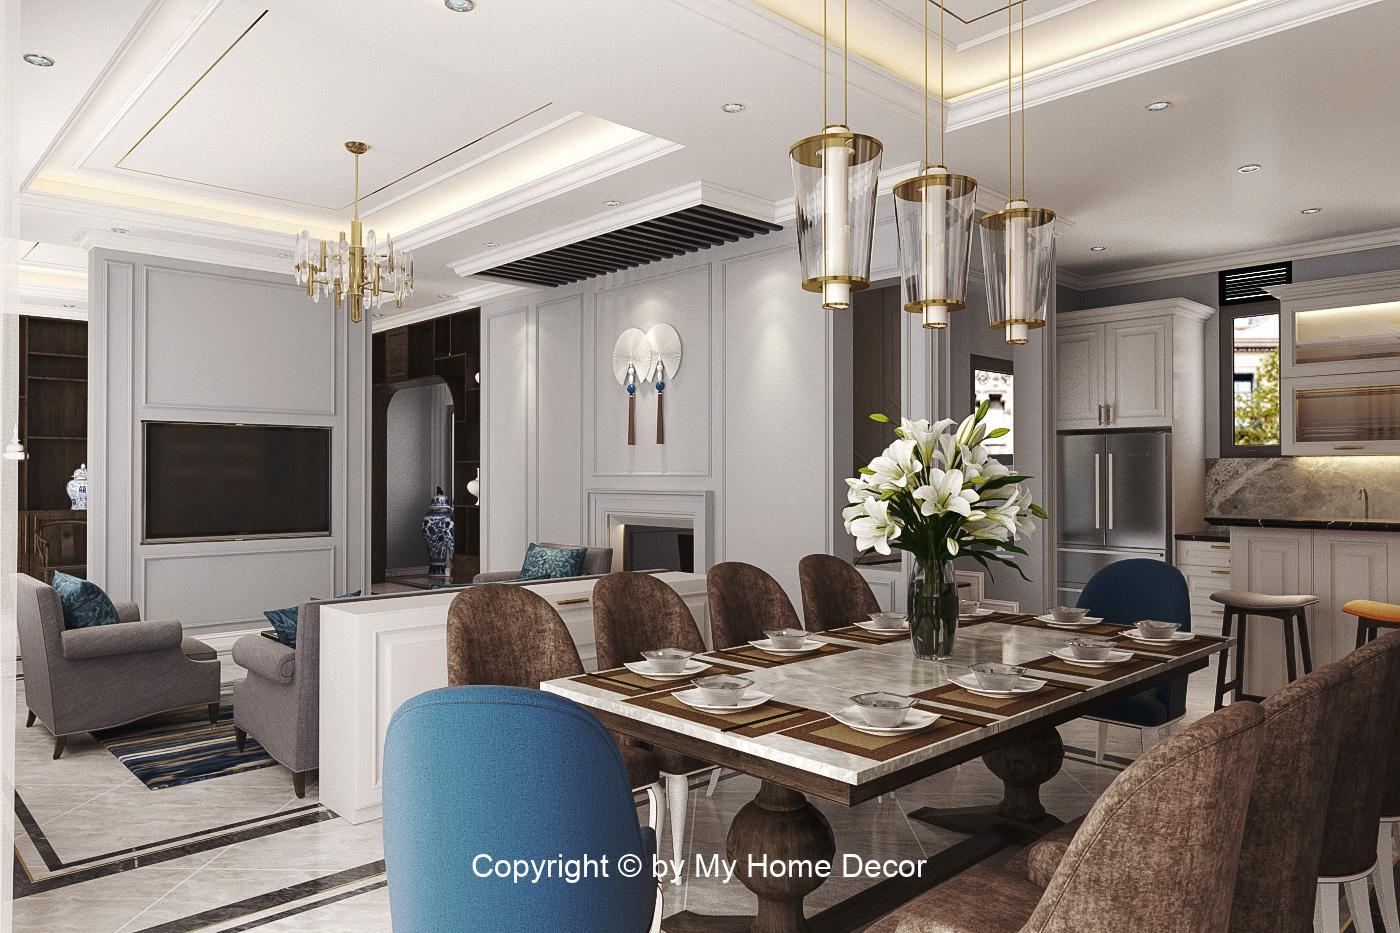 Bố tri phòng khách và phòng ăn tận dụng tối đa không gian mở